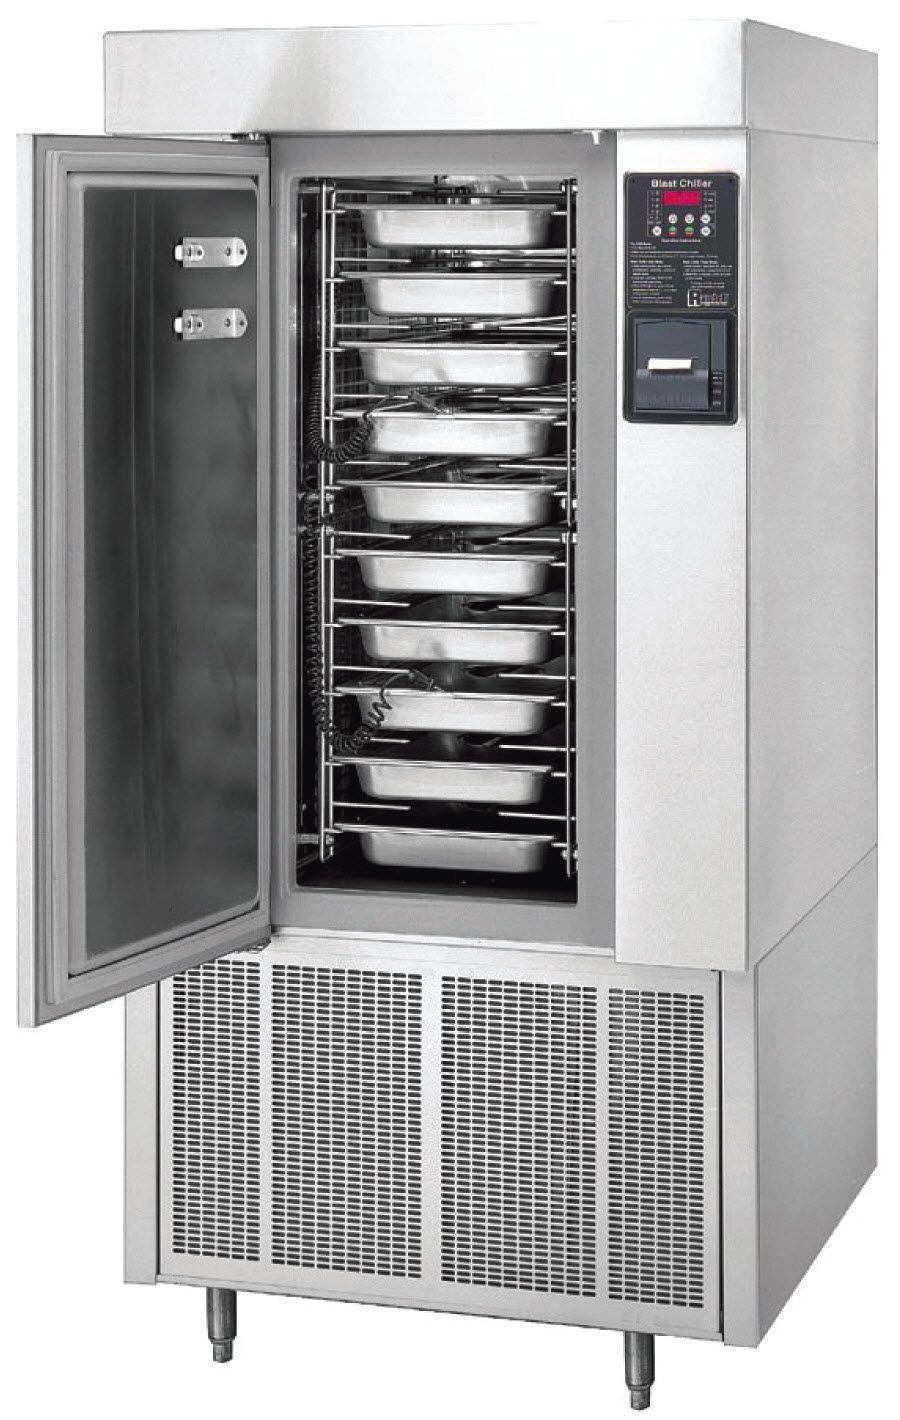 Blast chiller Kitchen, Home kitchens, Kitchen appliances